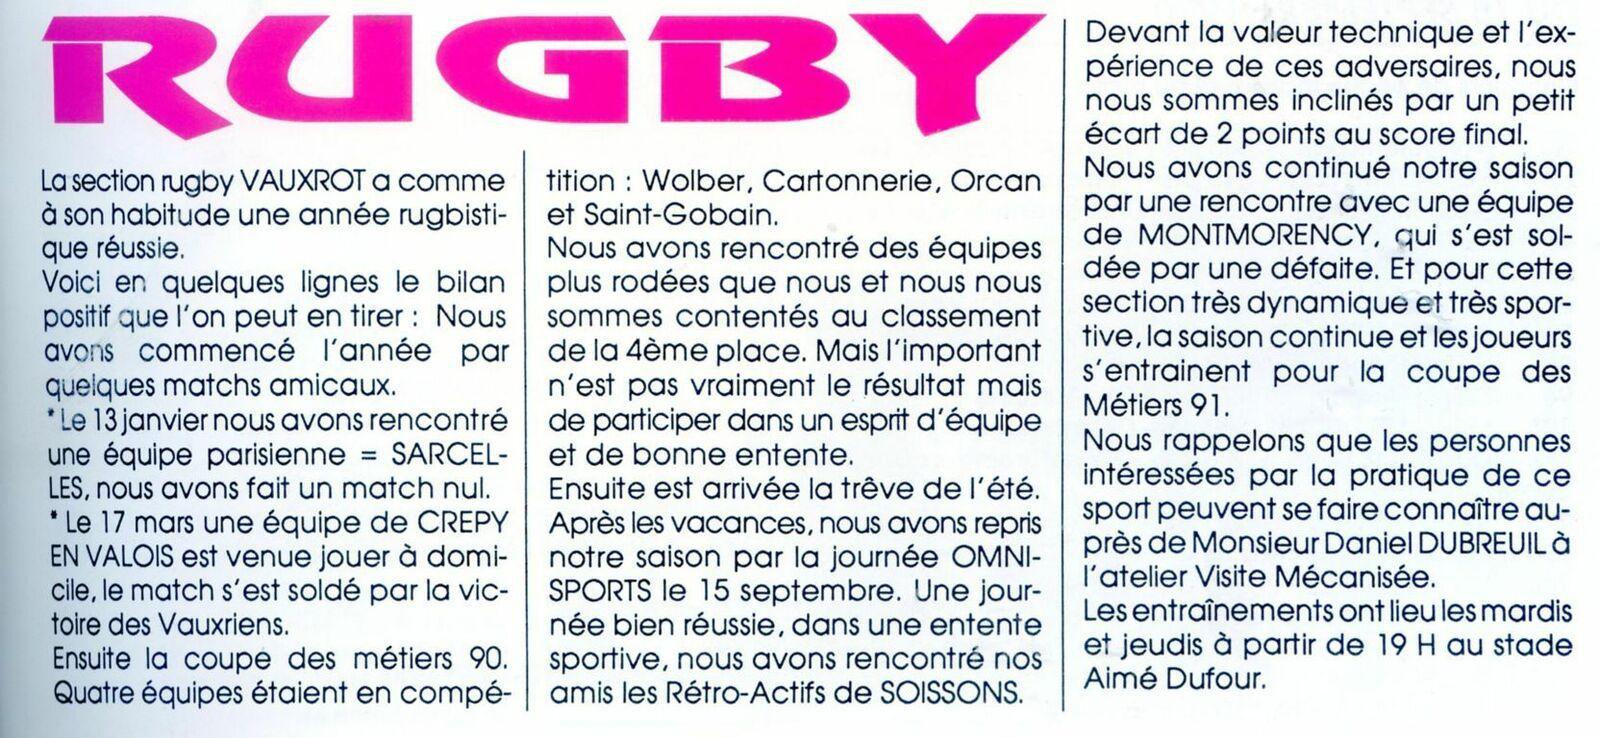 Album - groupe Saint-Gobain, la verrerie de Vauxrot (Aisne), les activités du comité d'établissement